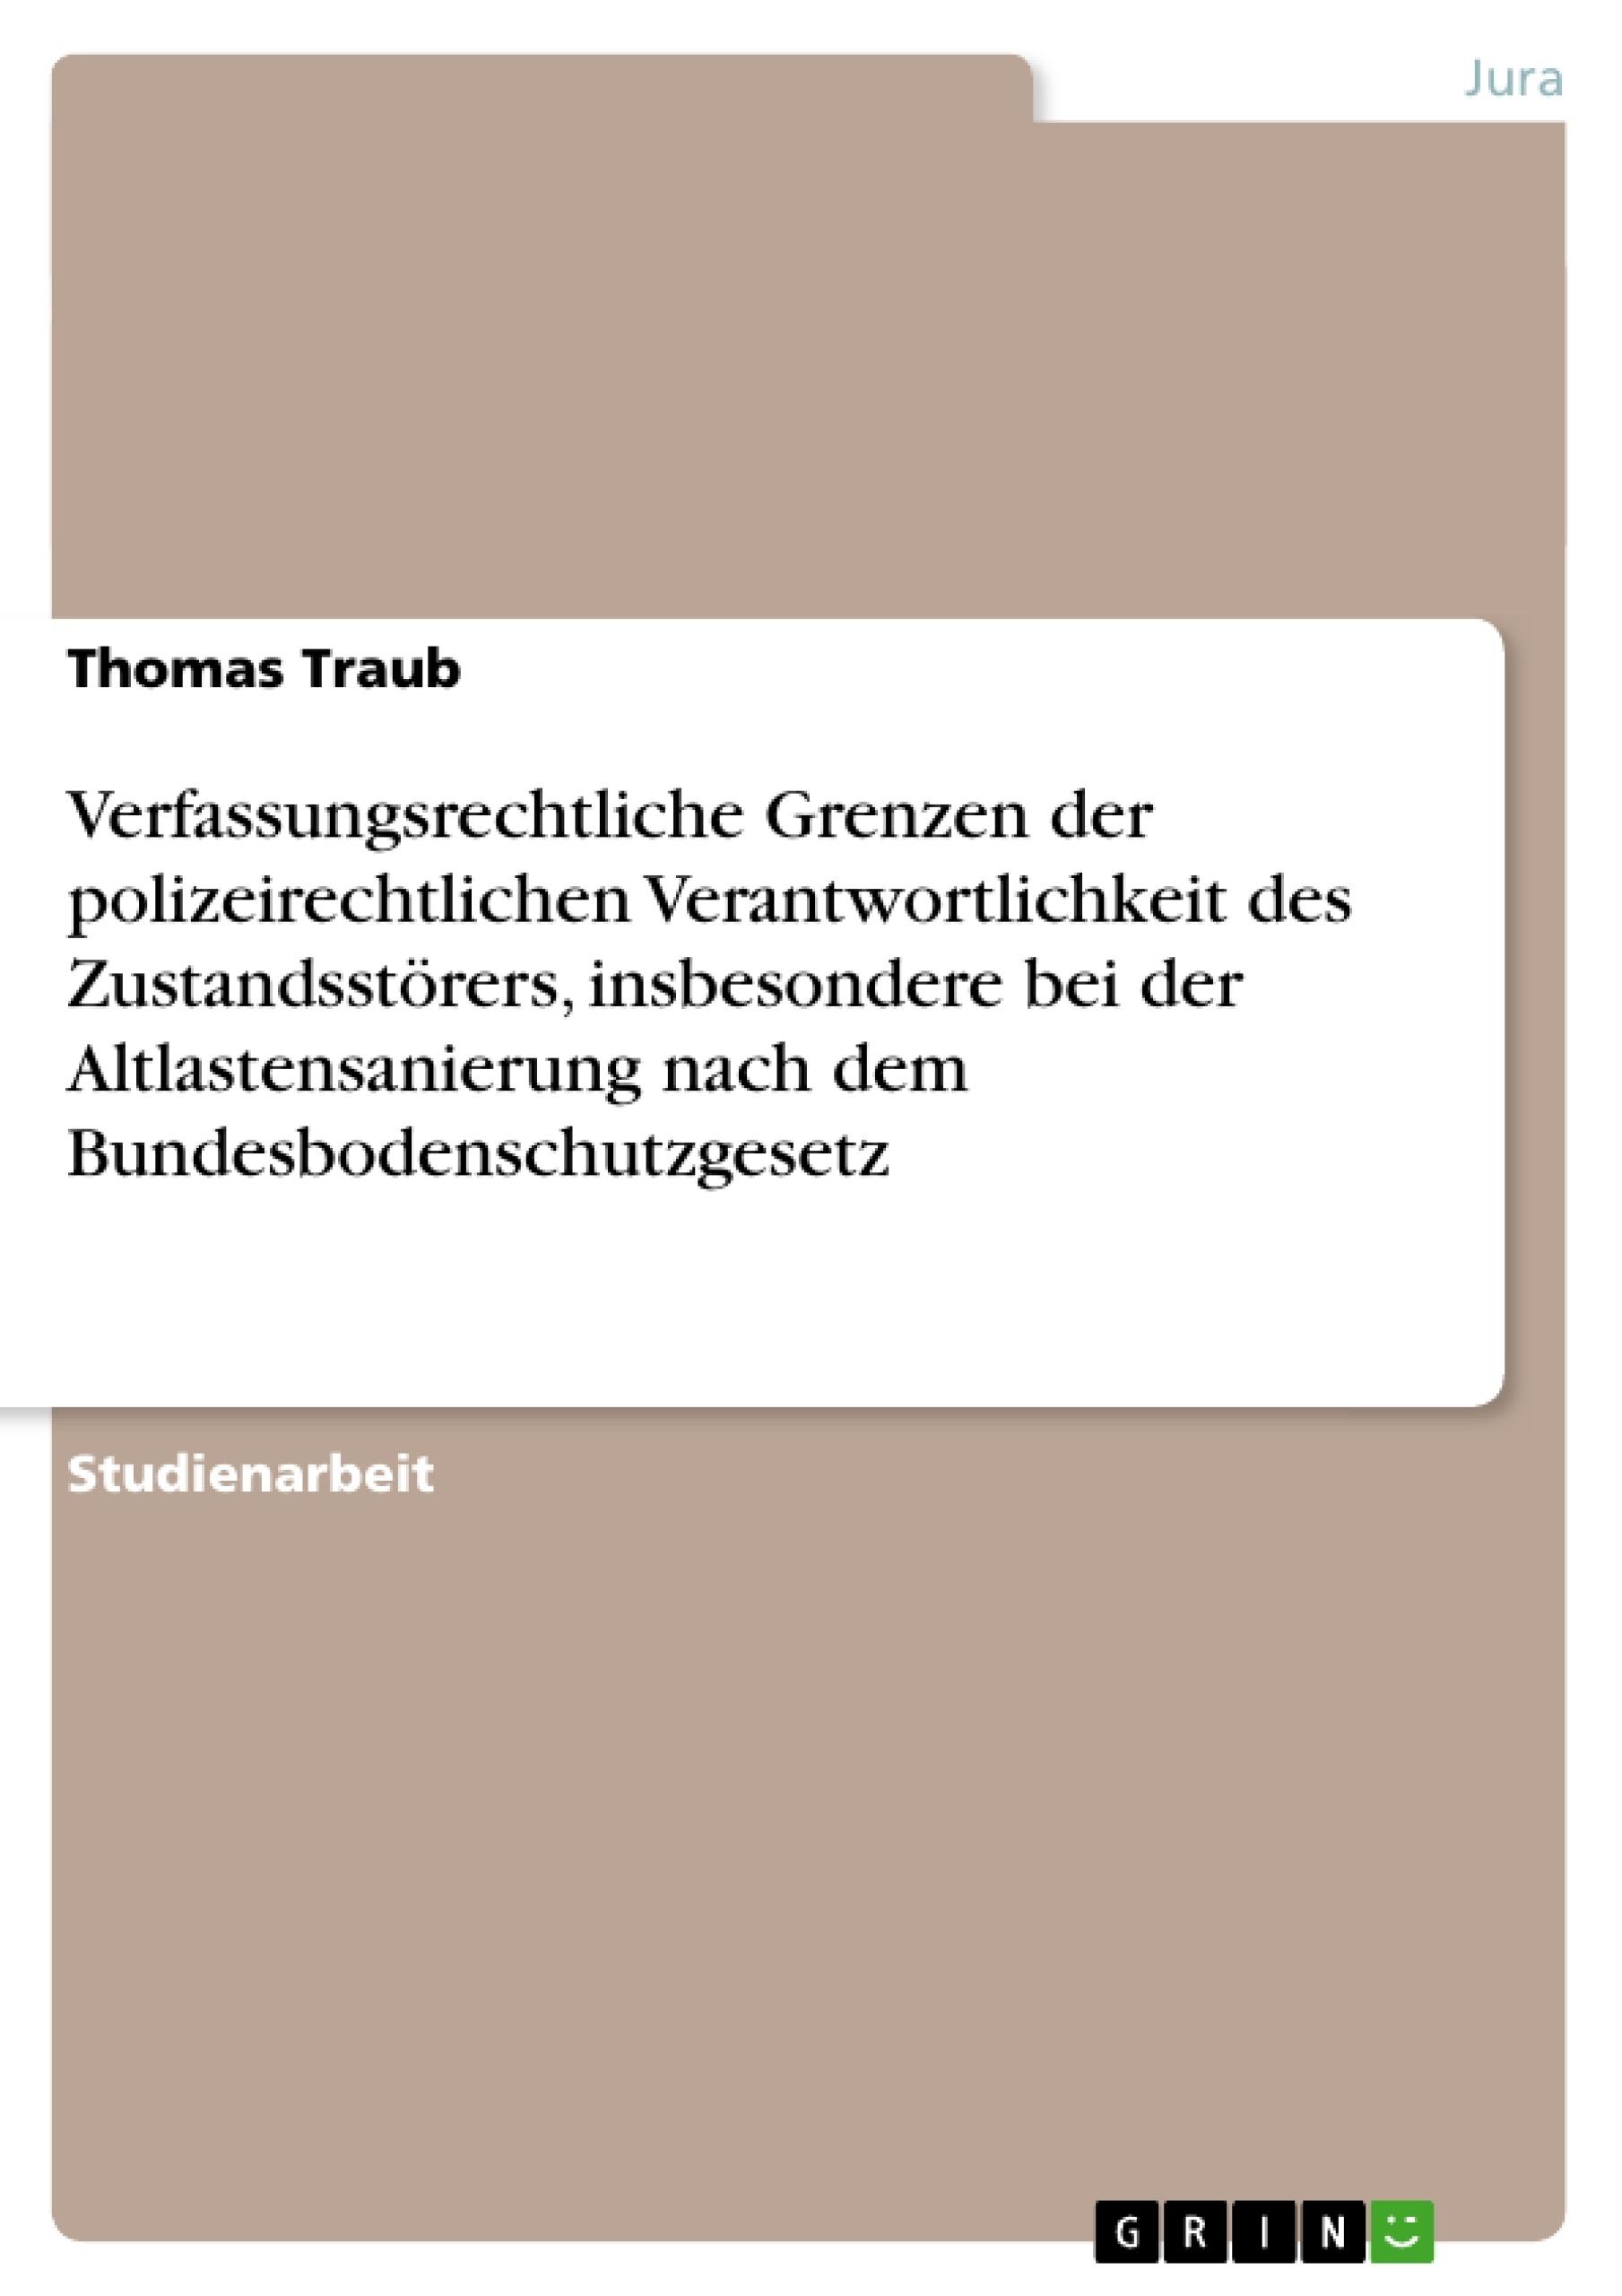 Titel: Verfassungsrechtliche Grenzen der polizeirechtlichen Verantwortlichkeit des Zustandsstörers, insbesondere bei der Altlastensanierung nach dem Bundesbodenschutzgesetz